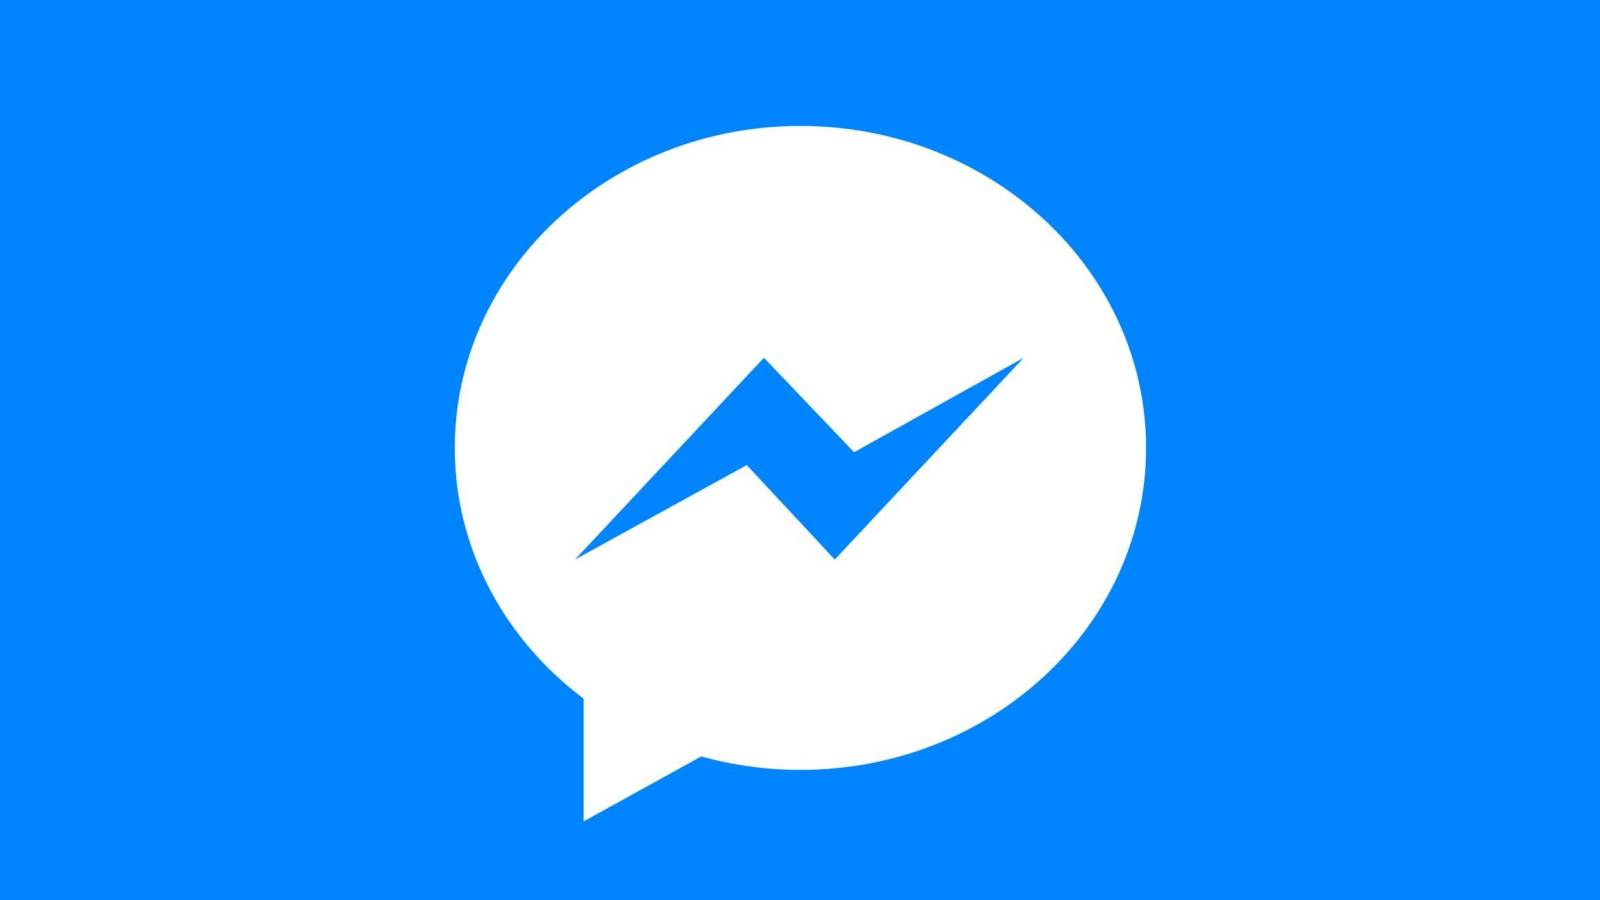 Facebook Messenger securizare Face ID iphone